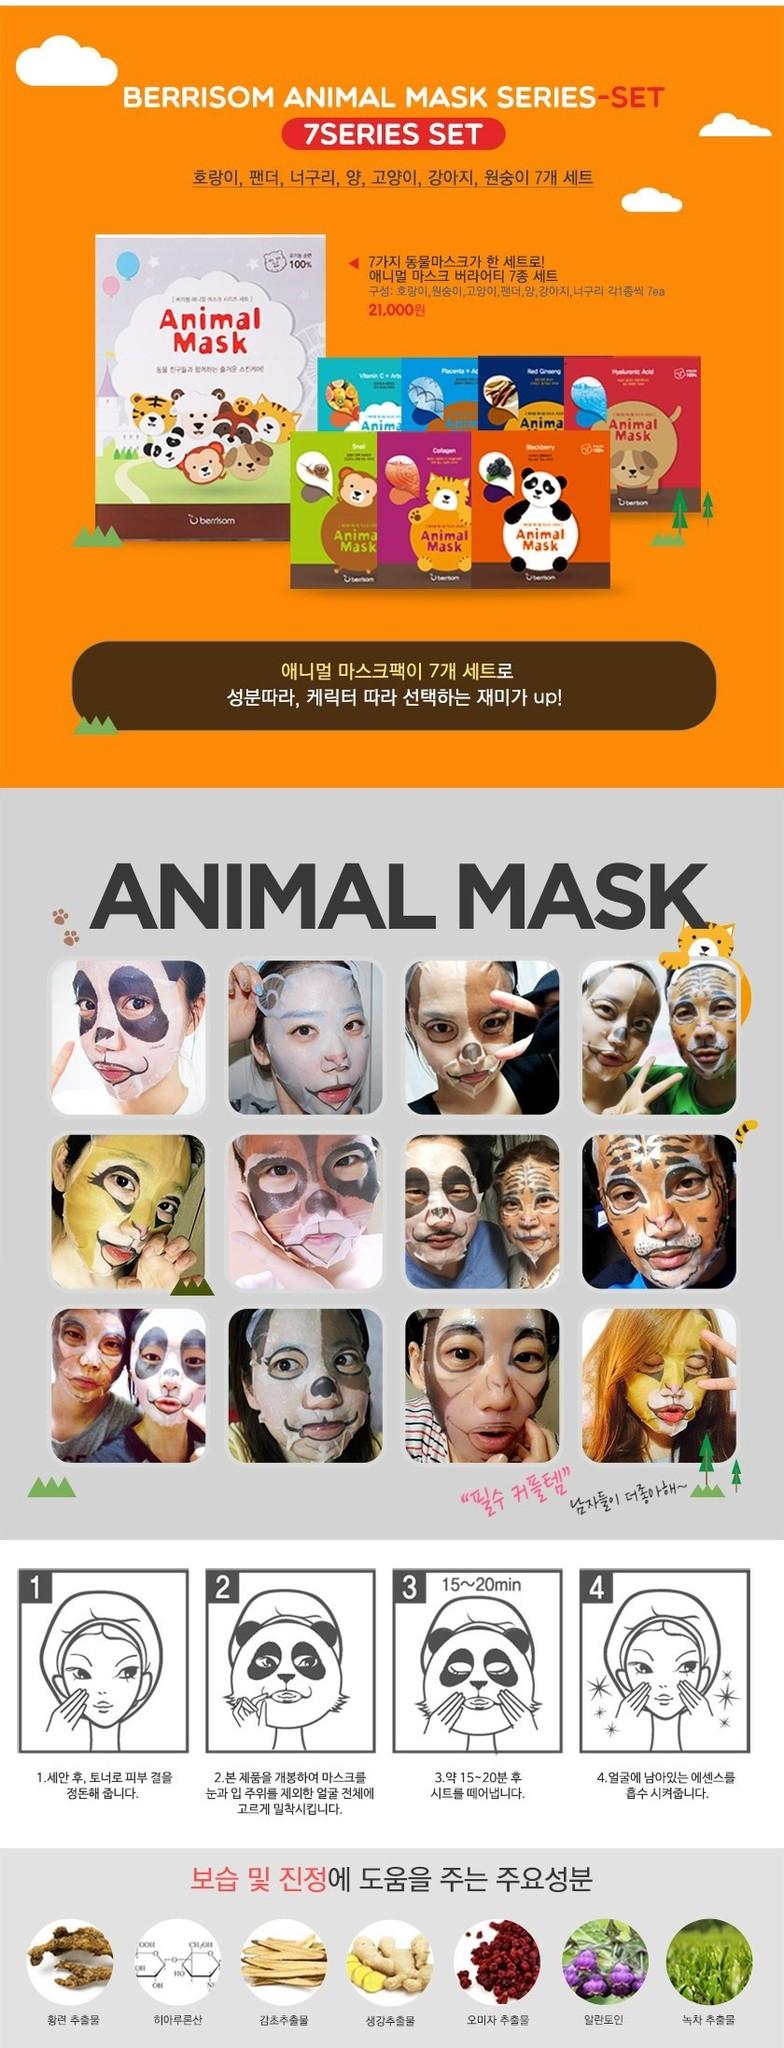 Animal Mask Series - Tiger-6